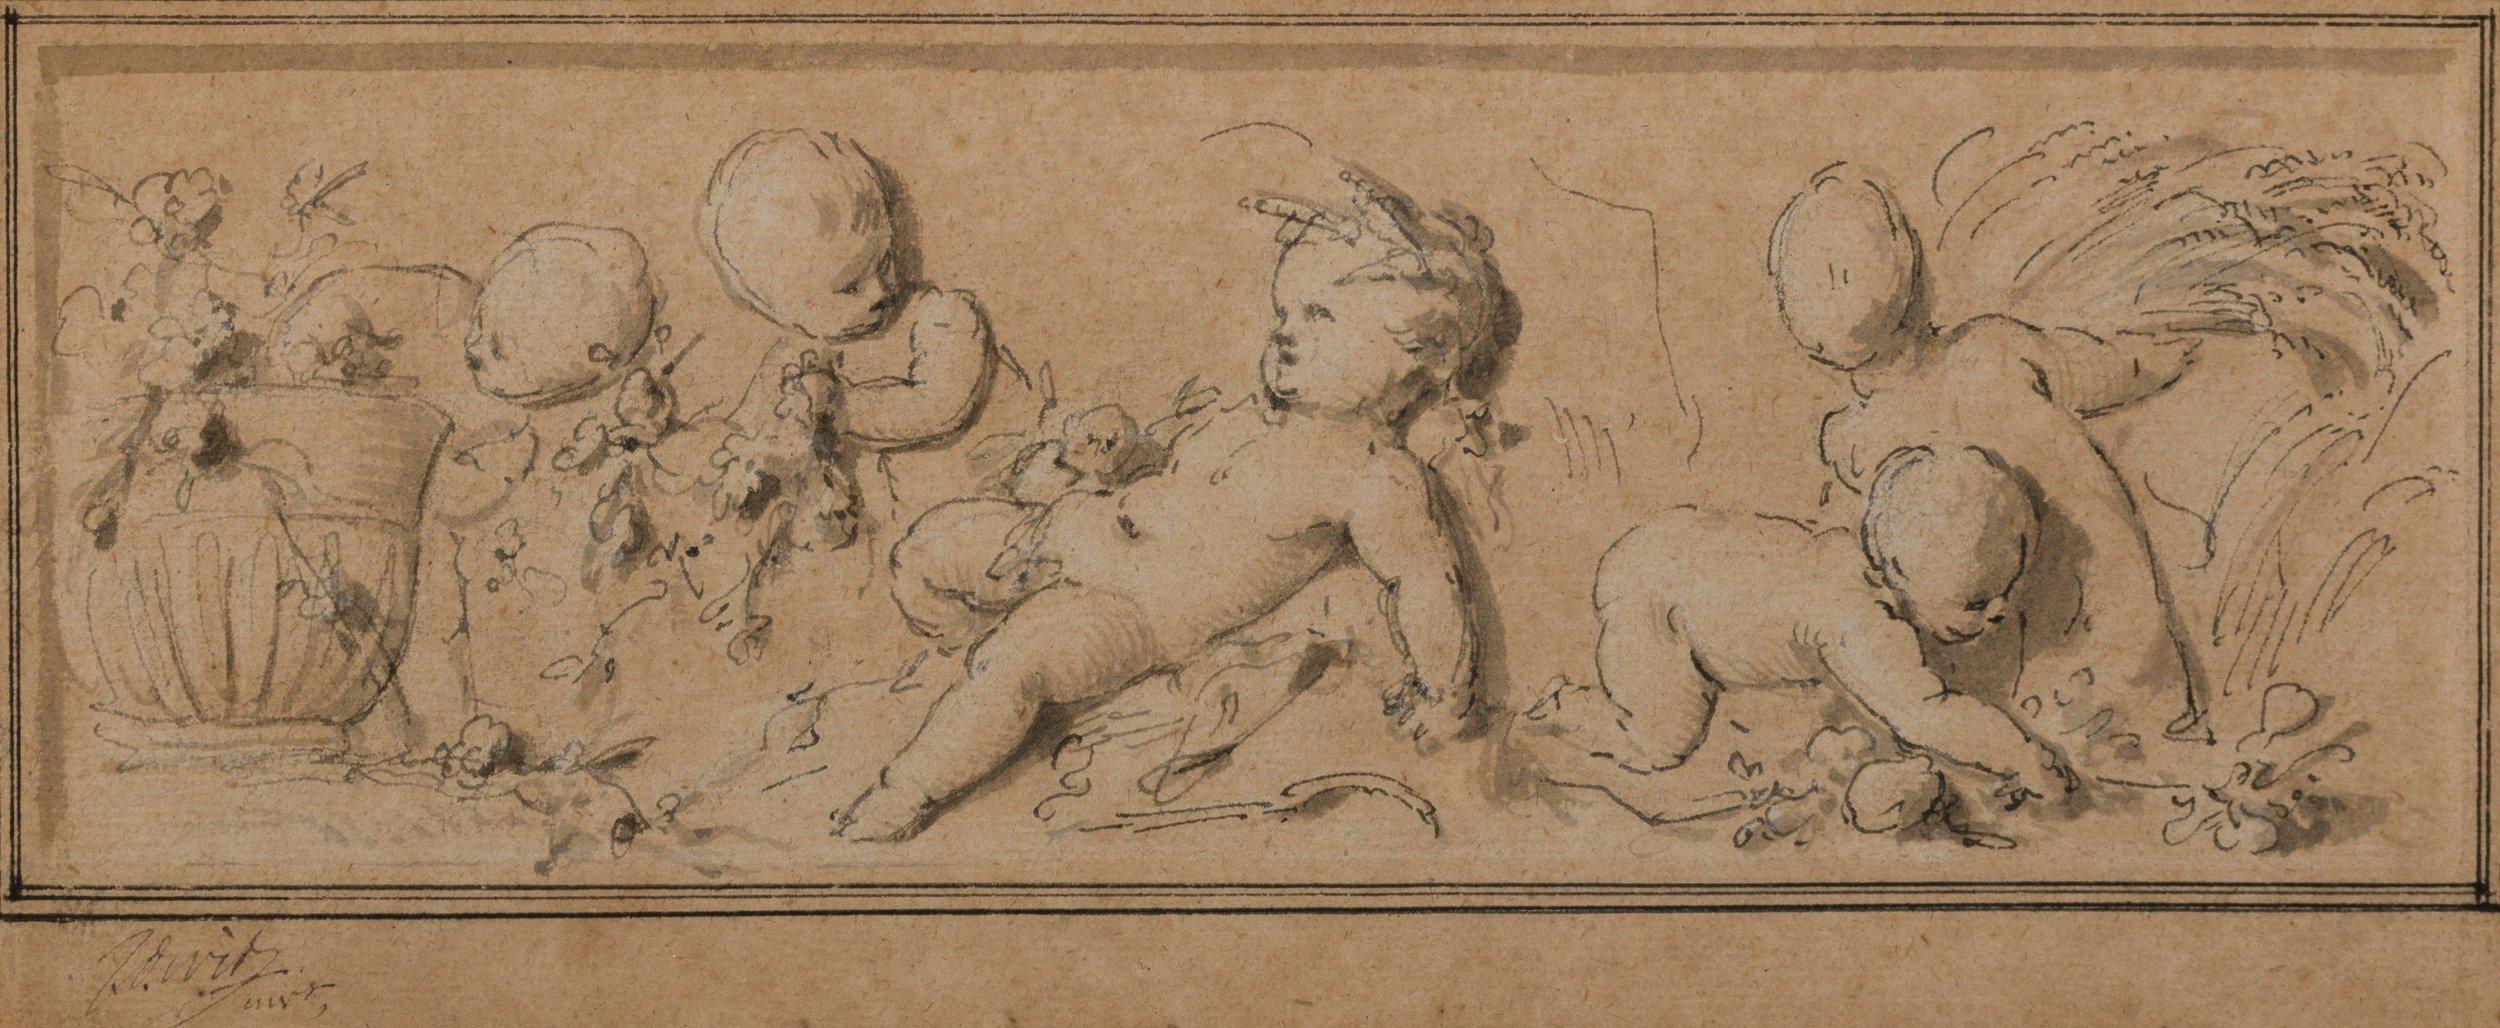 Ontwerpschets 'Lente en Zomer', Jacob de Wit, 1747. Oorspronkelijke locatie buitenplaats Outshoorn Rijswijk. Collectie Haags Gemeentearchief, Den Haag. Foto: Onno van Seggelen